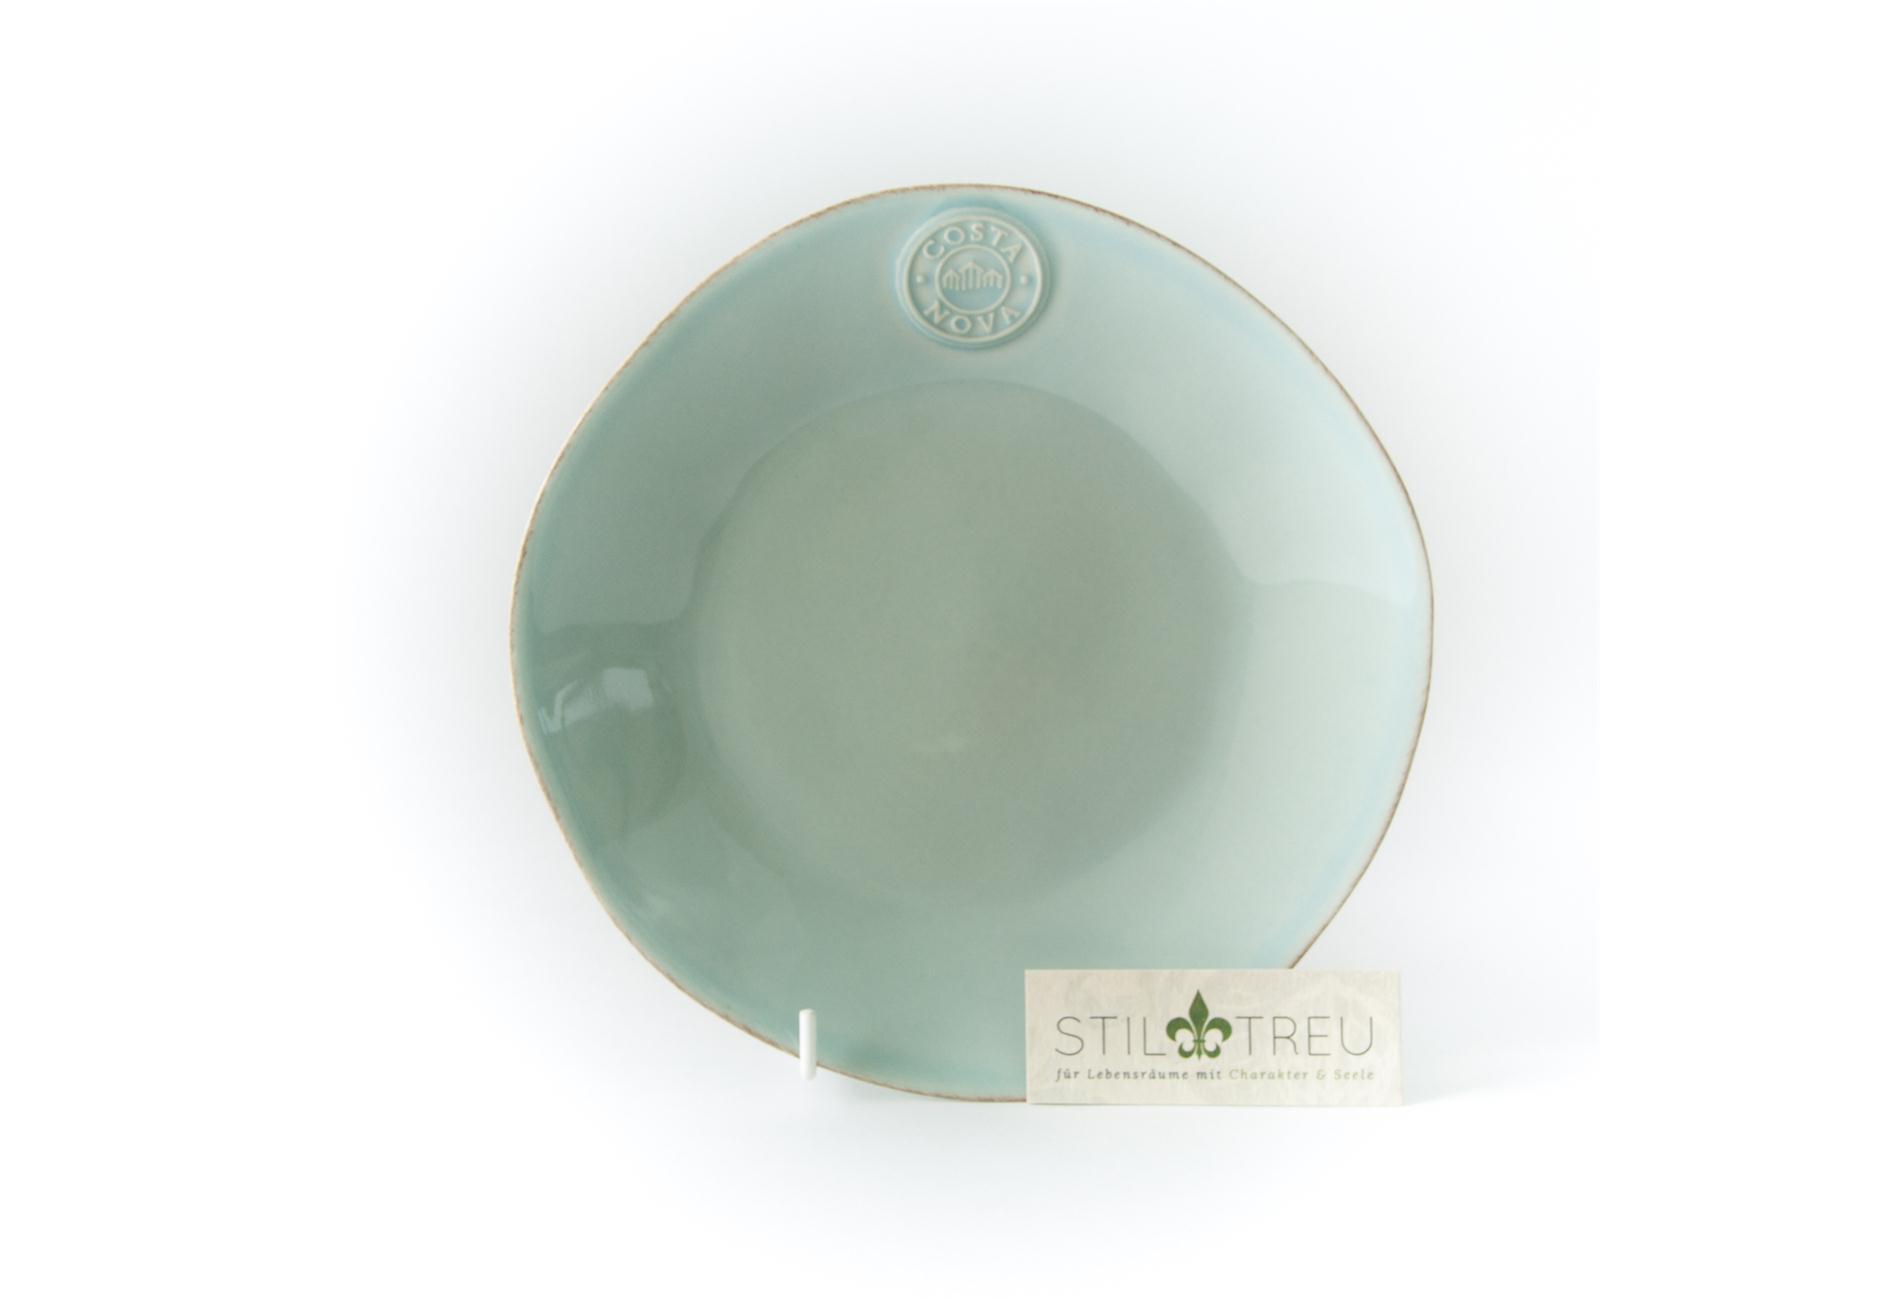 Costa Nova, Kuchenteller / Dessertteller / Salatteller, Nova, türkis, 21 cm